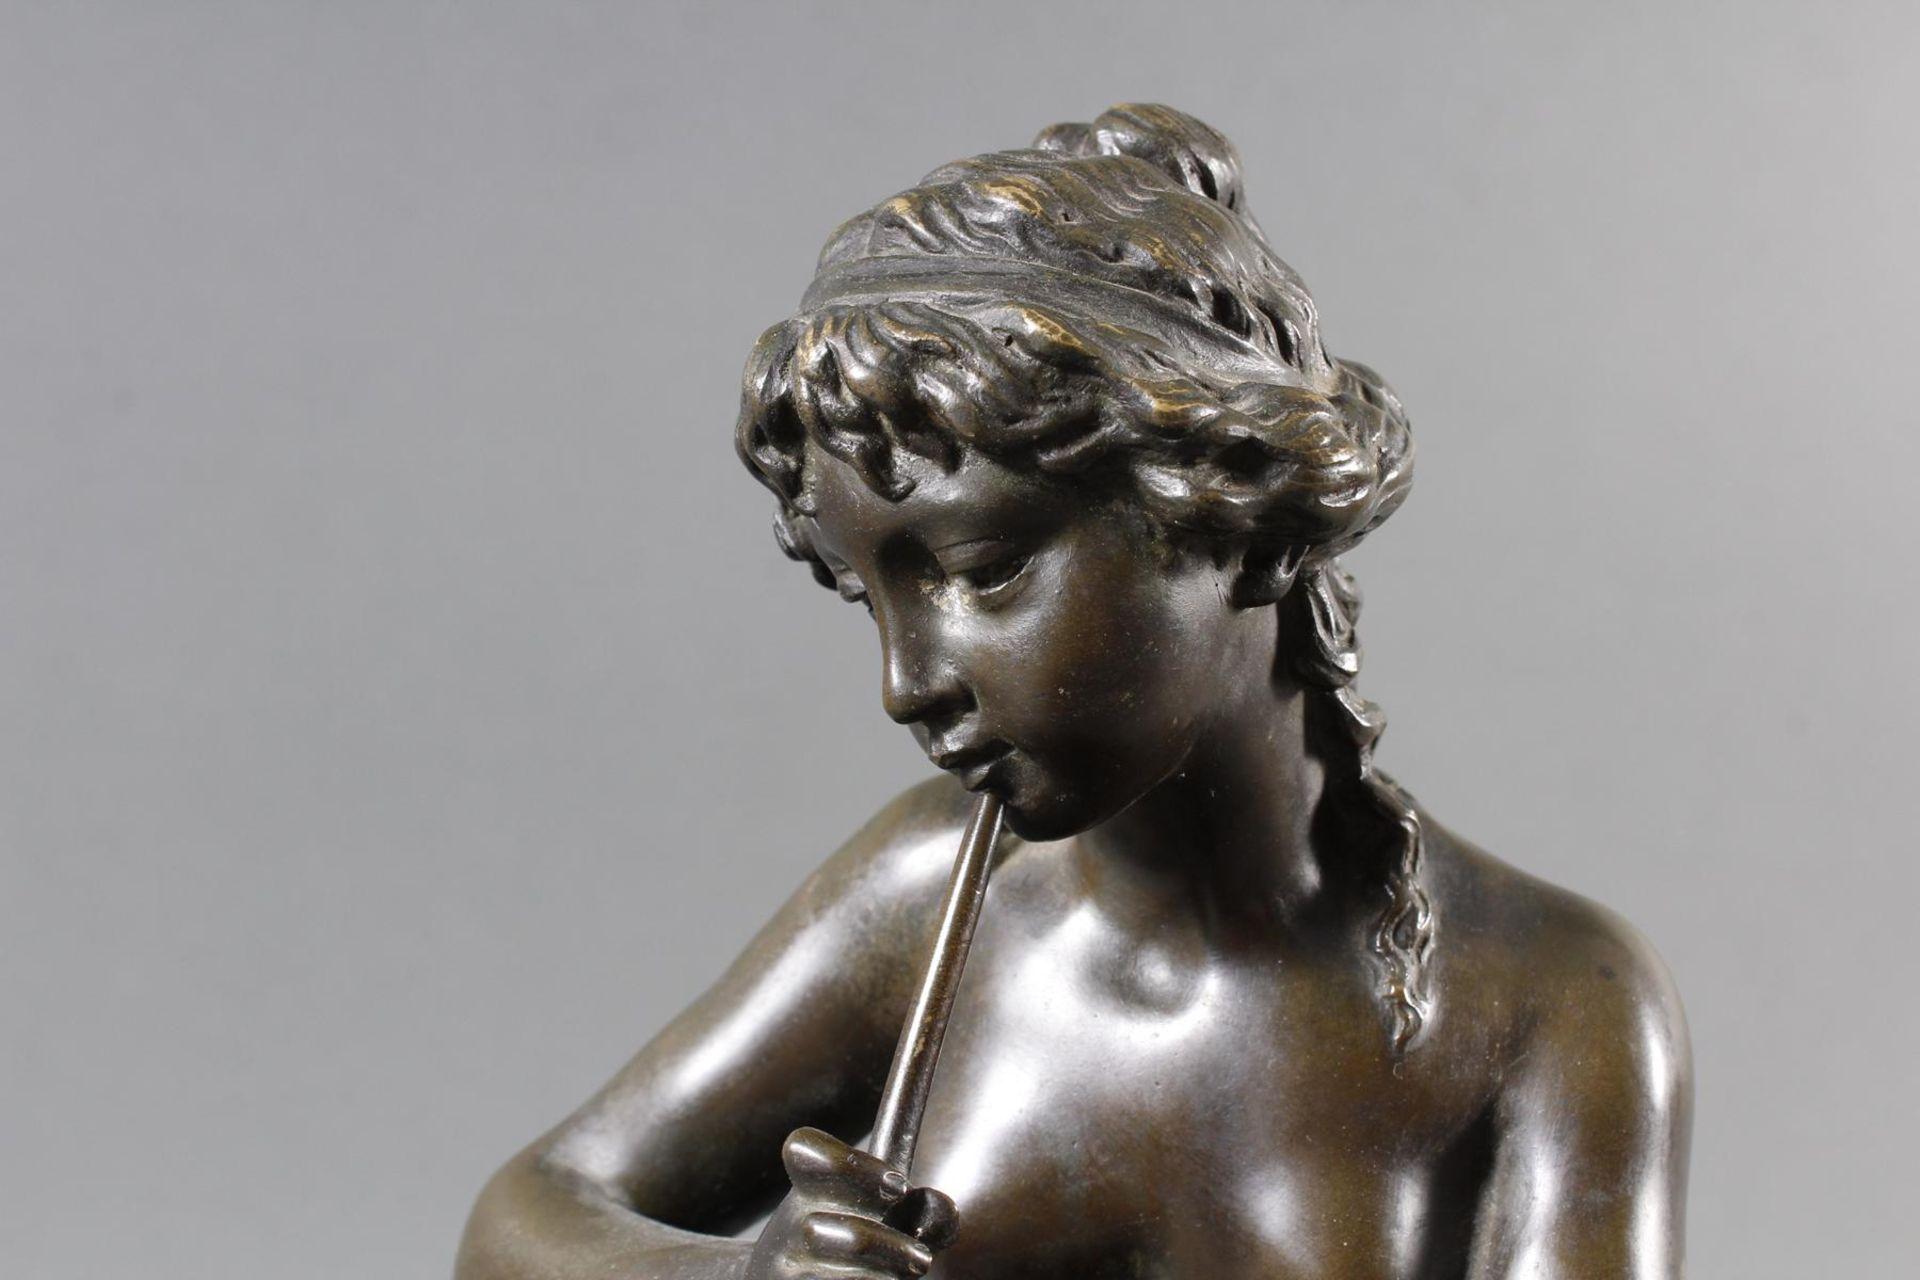 Bronzeskulptur Sitzender Akt, Flötespielende Faundame mit zwei tanzenden Faunjungen, Frankreich um 1 - Bild 5 aus 7